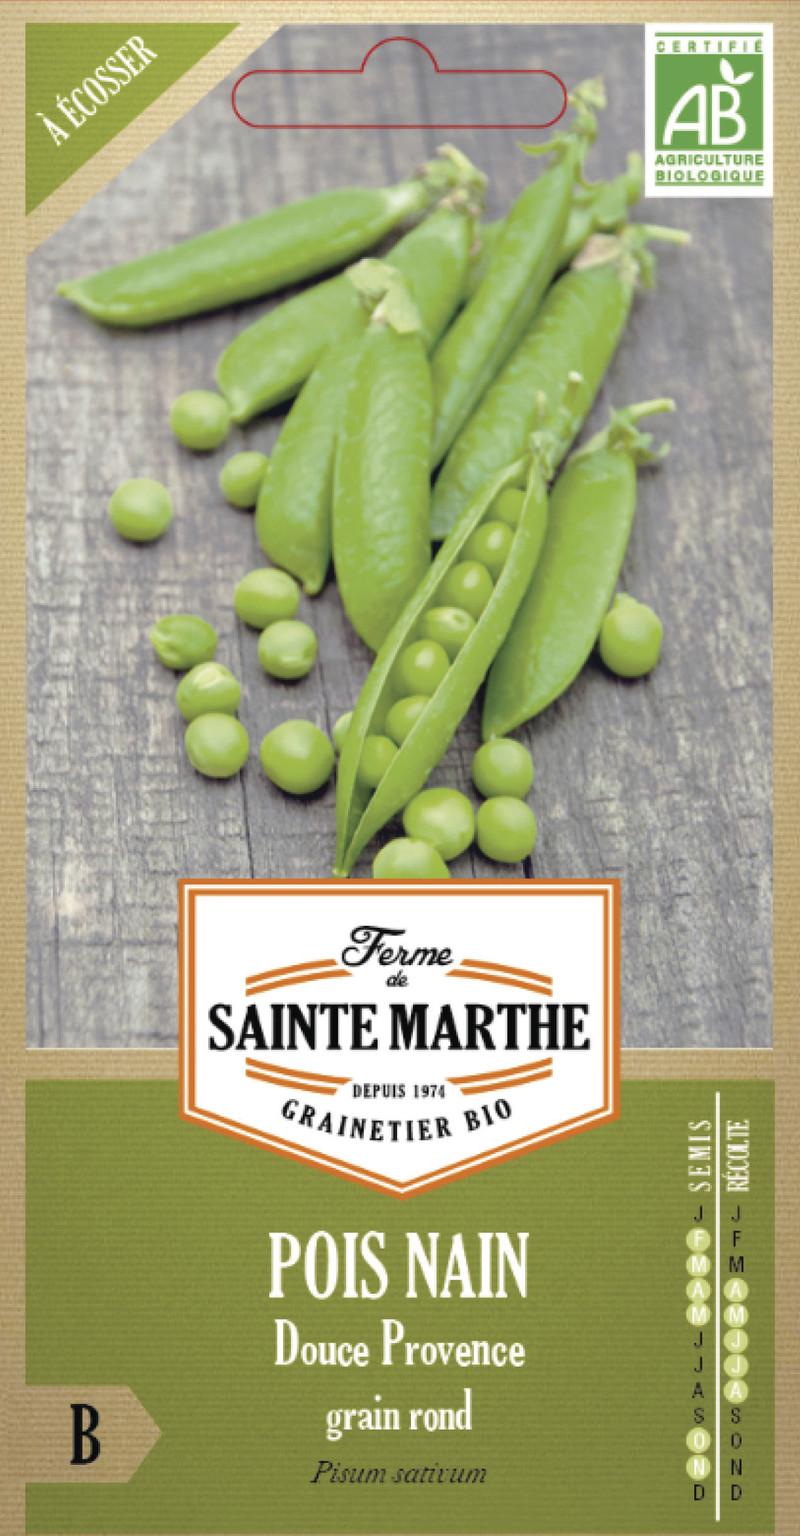 pois nain douce provence grain rond bio la ferme de sainte marthe graine semence potager boite semis - Voir en grand